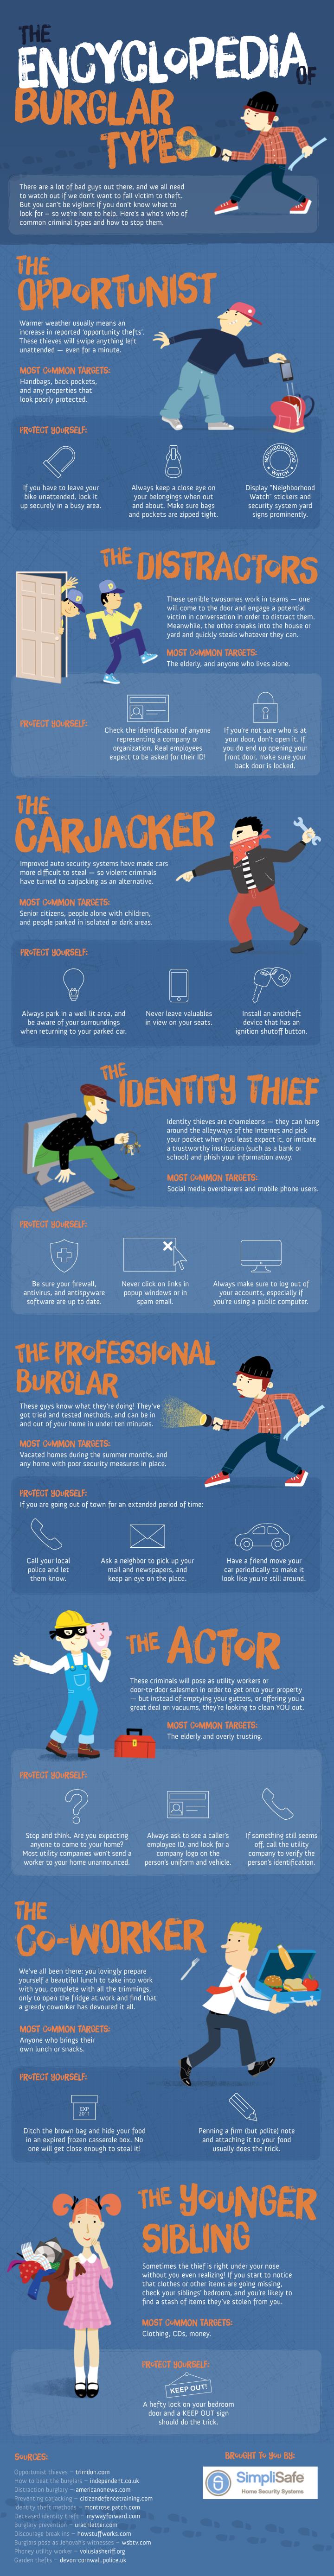 Burglars: The Encyclopedia of Burglar Types